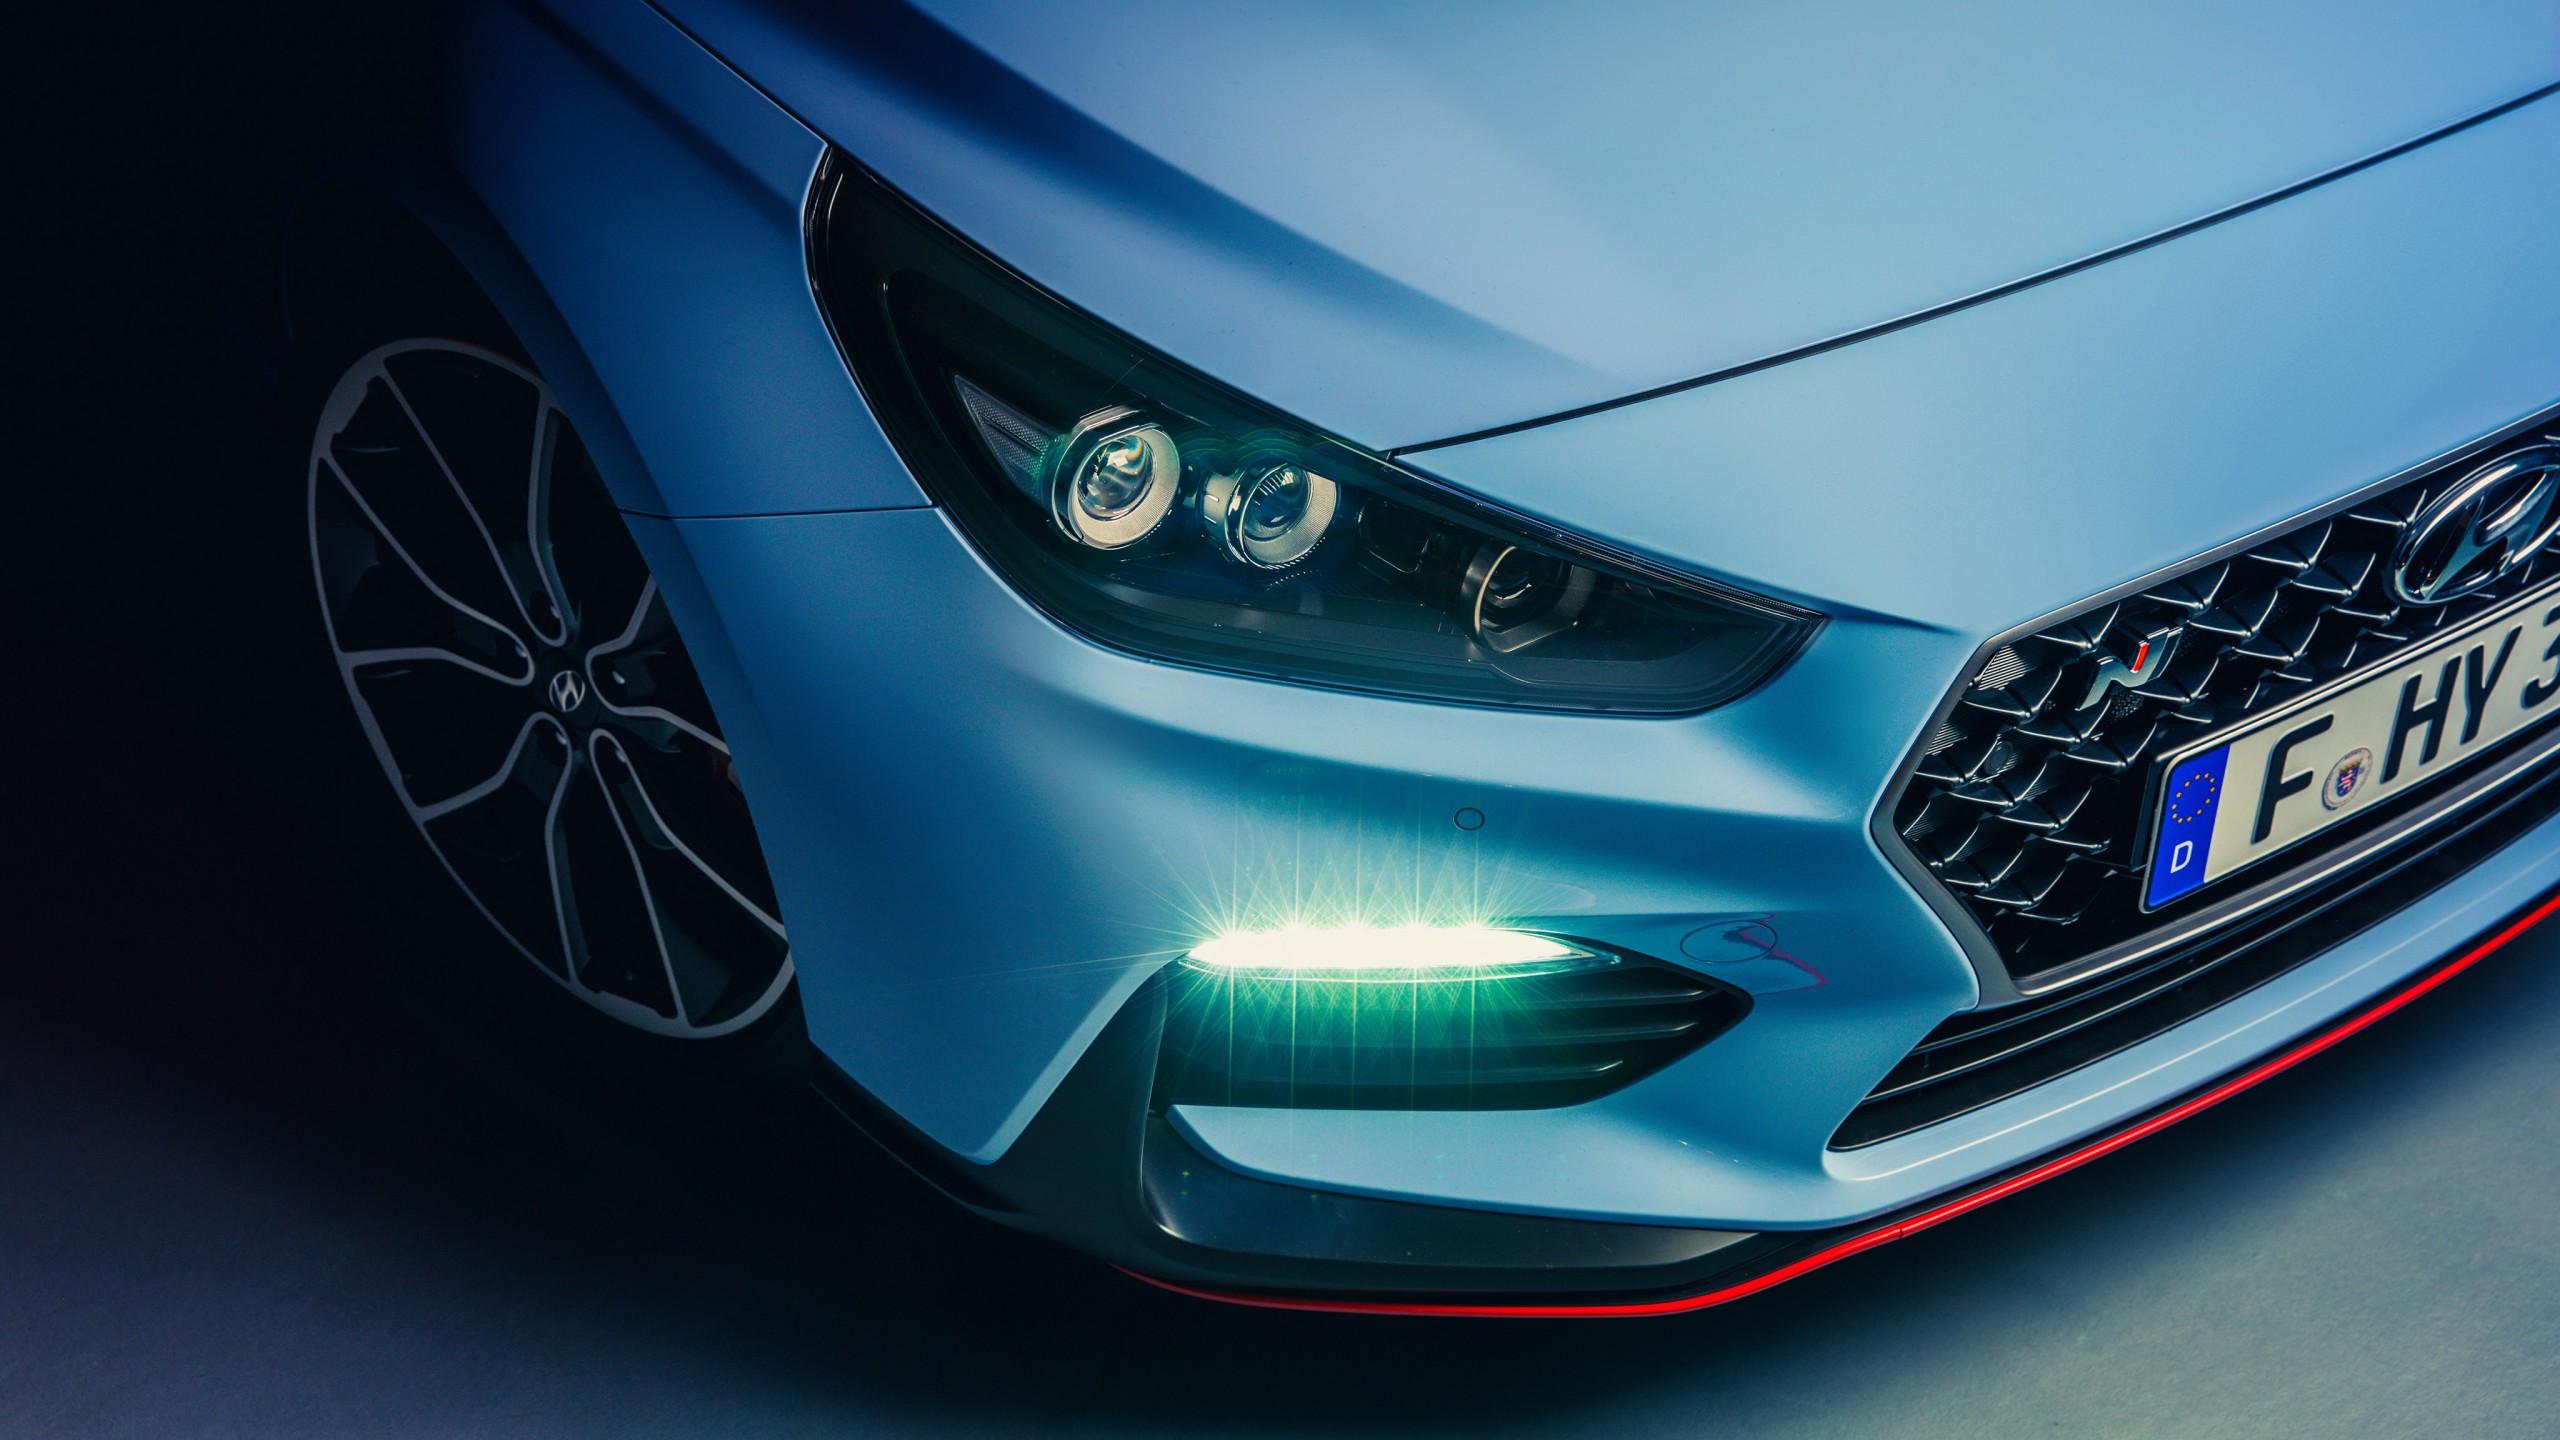 Jaguar Car Logo Hd Wallpaper Download Hyundai I30 N 2017 4k Wallpaper Hd Car Wallpapers Id 7969